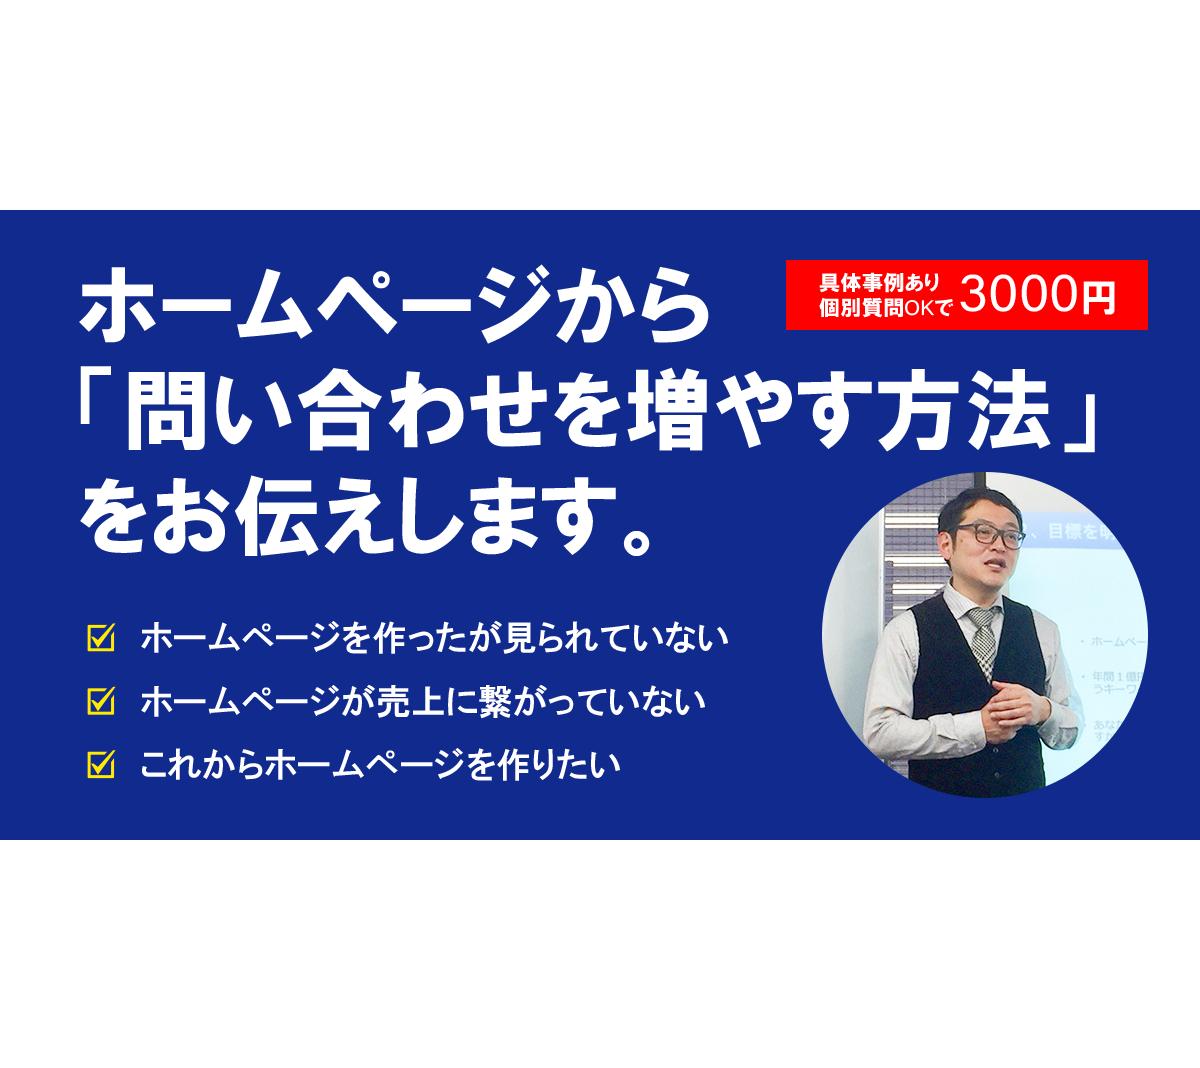 ホームページ・Web集客セミナー 大阪 「Webで集客する方法をお伝えします」